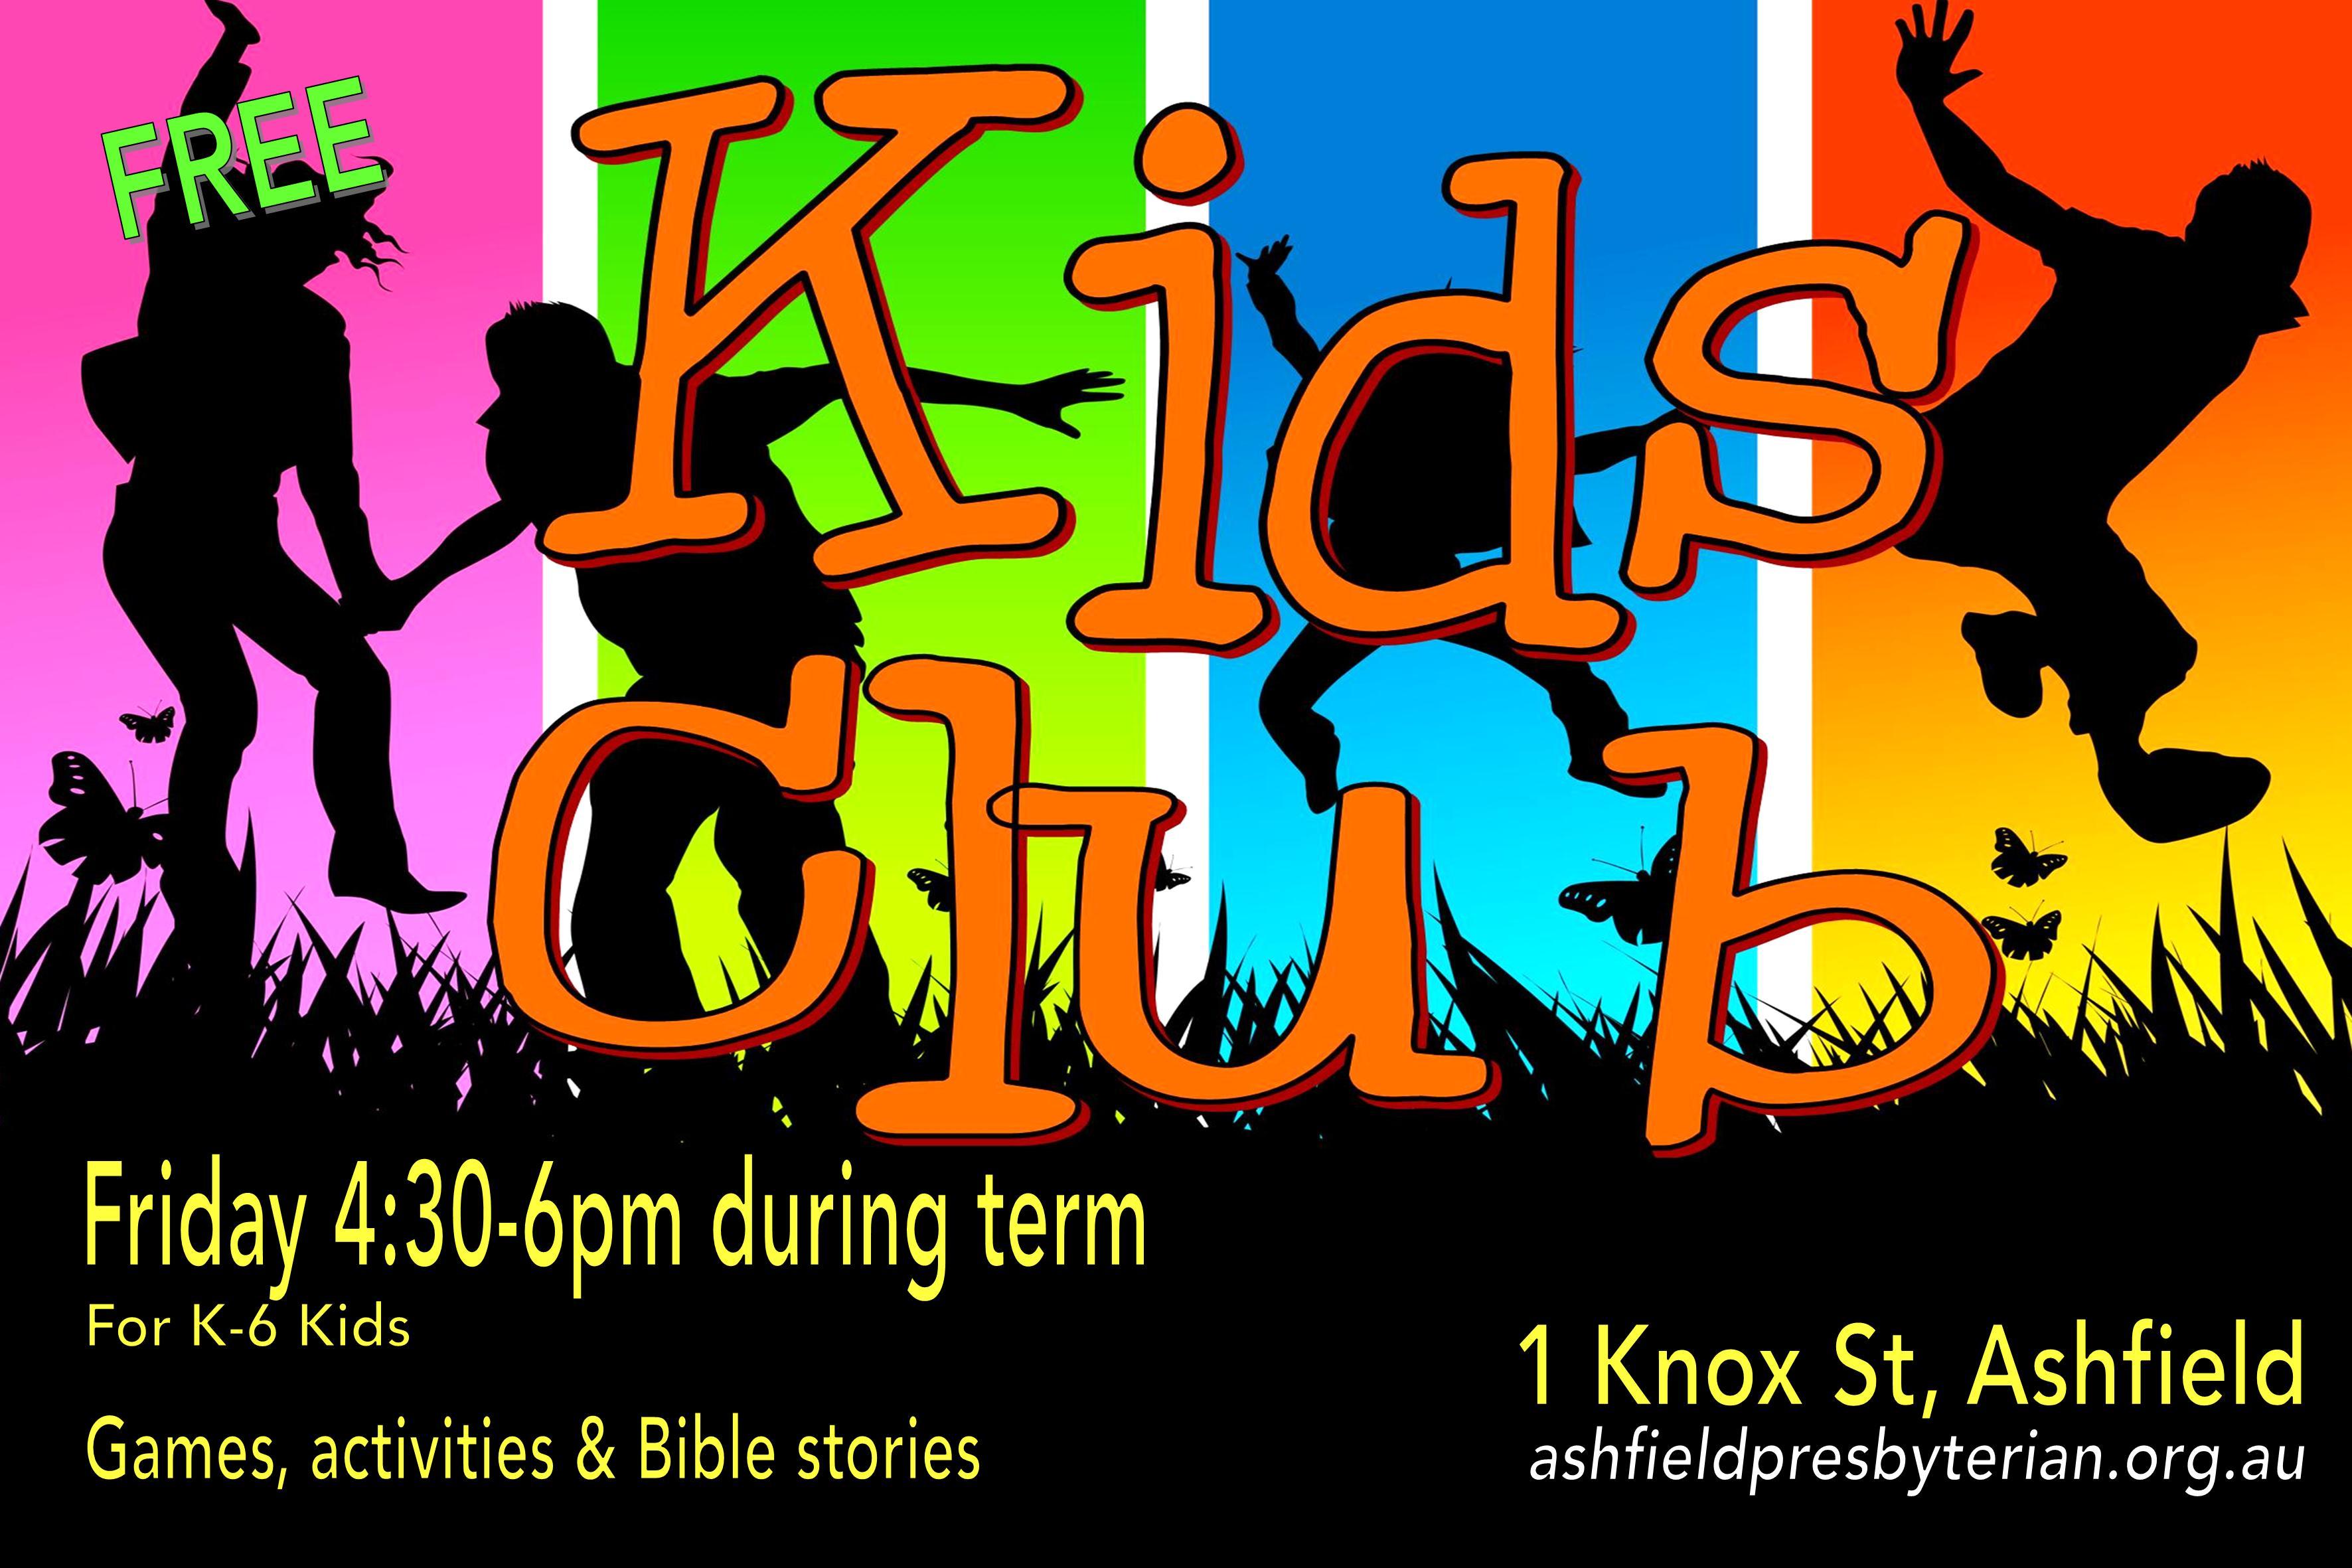 kids-club-postcard